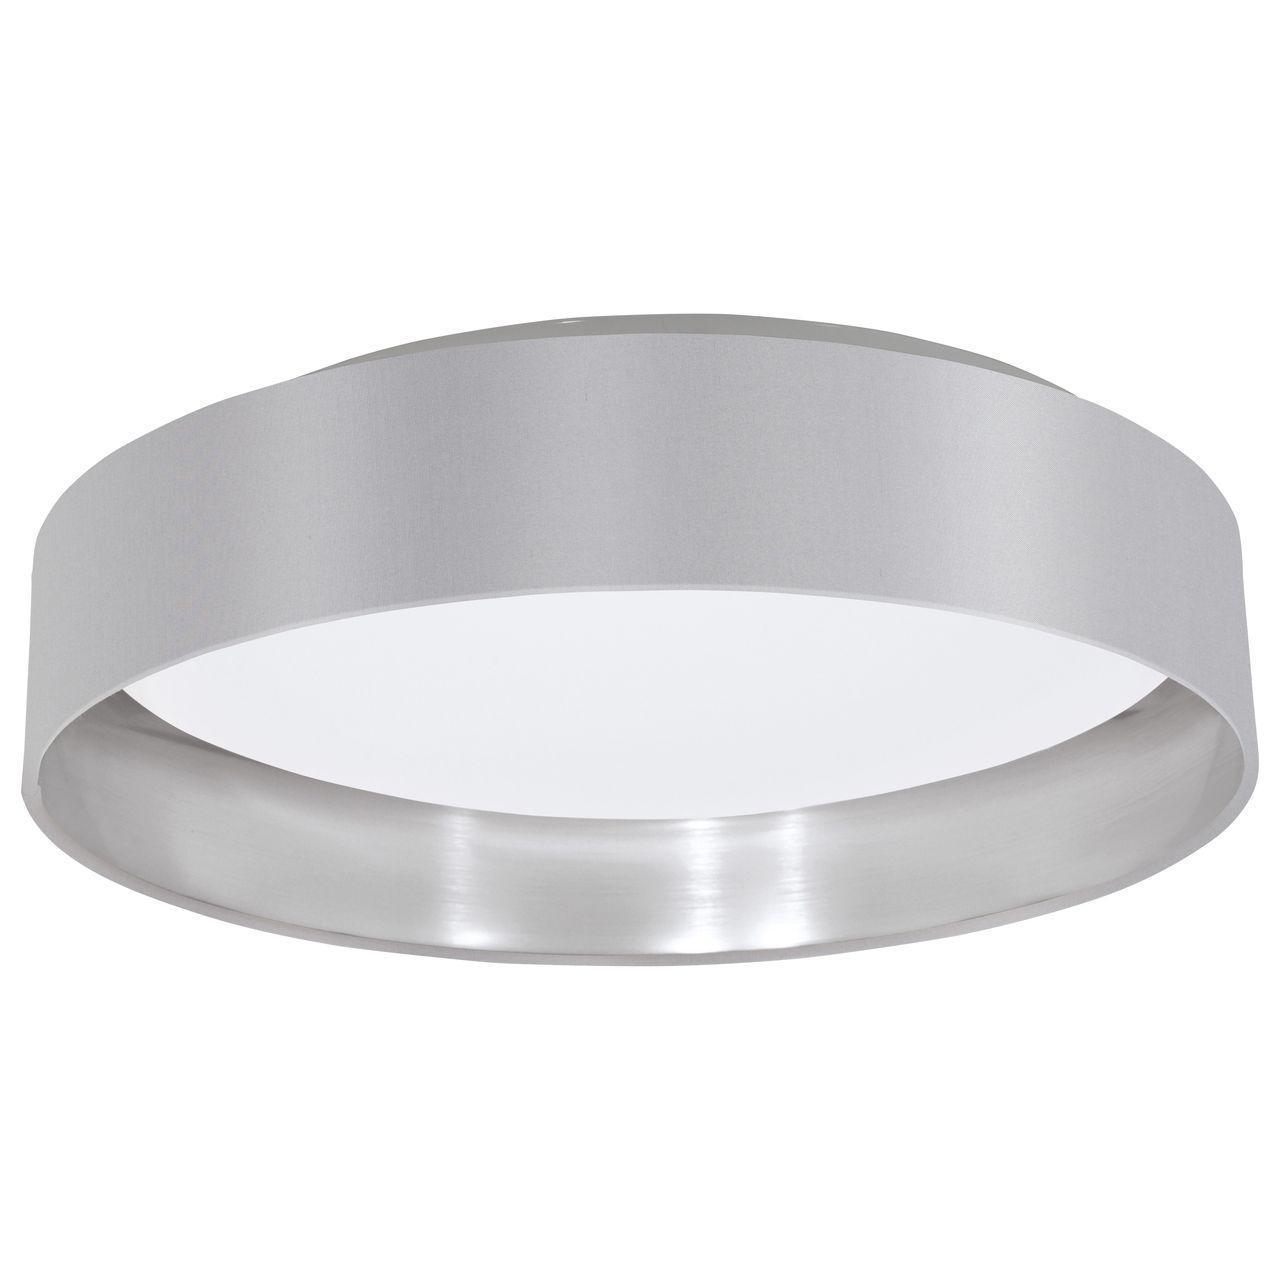 Потолочный светильник Eglo Maserlo 31623 потолочный светильник eglo maserlo 31624